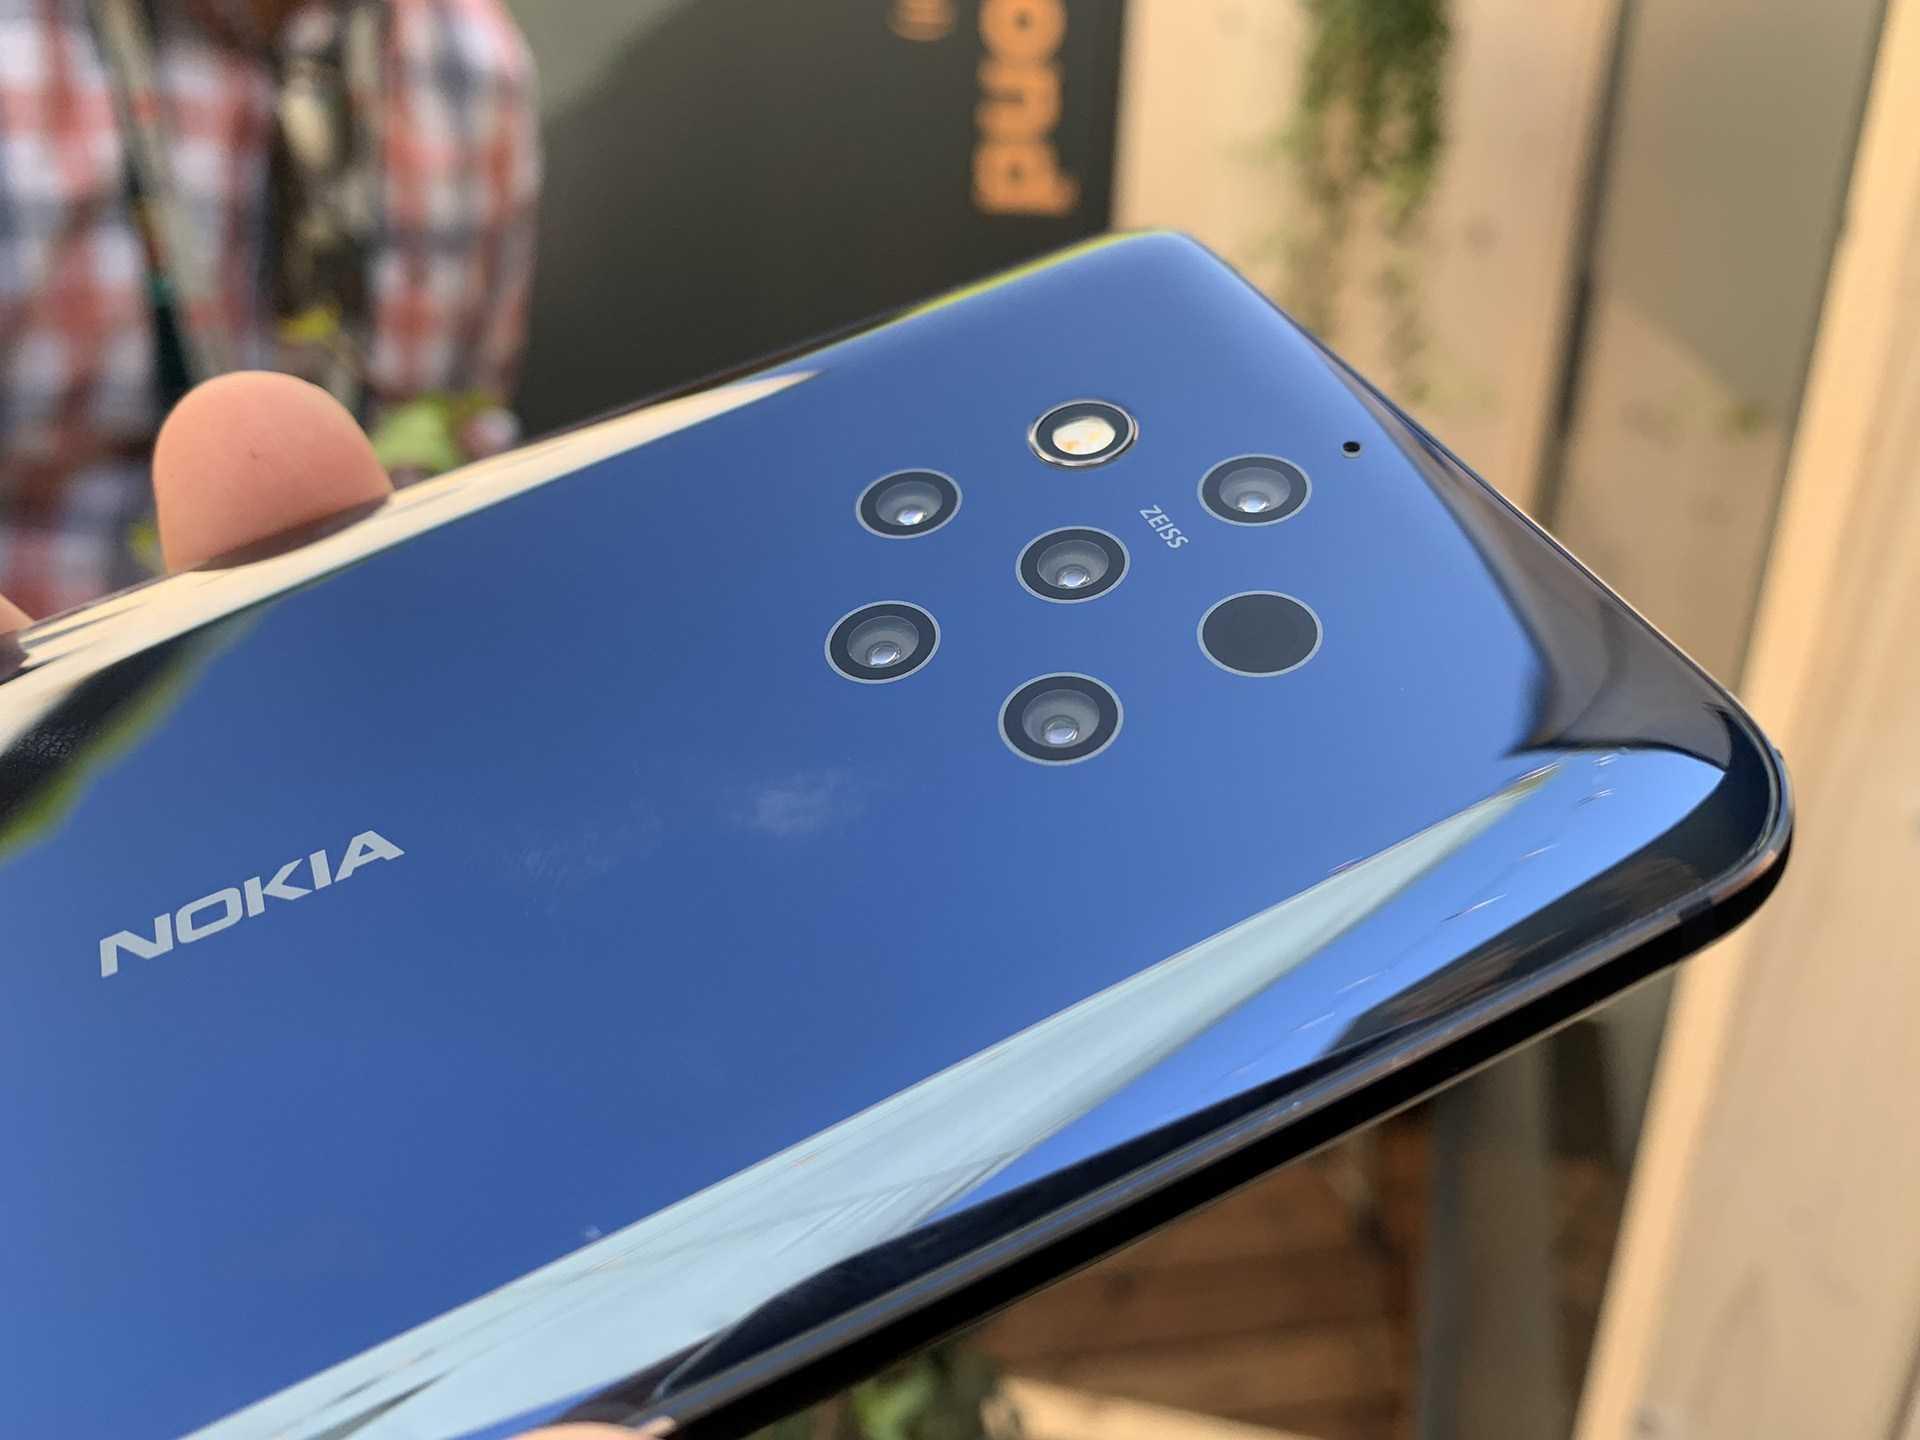 Когда выйдет новый смартфон nokia 7.3 в россии в 2020 году